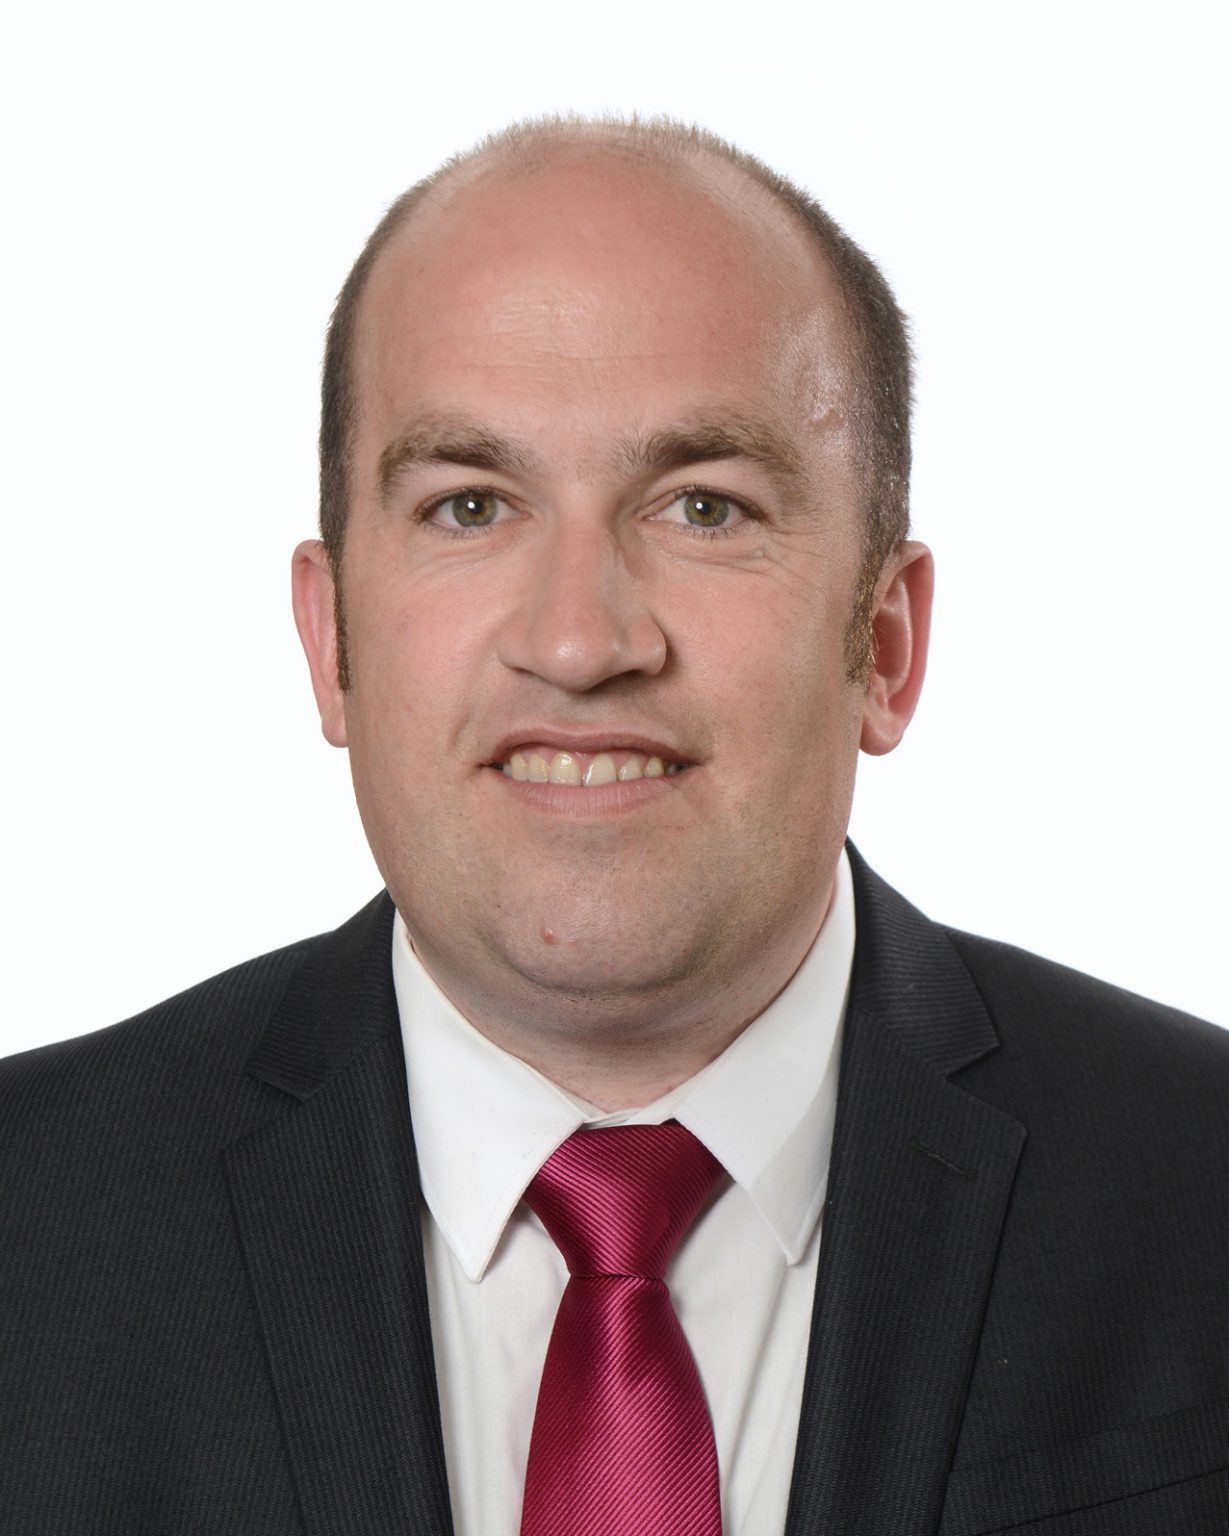 Thomas O'Hanlon